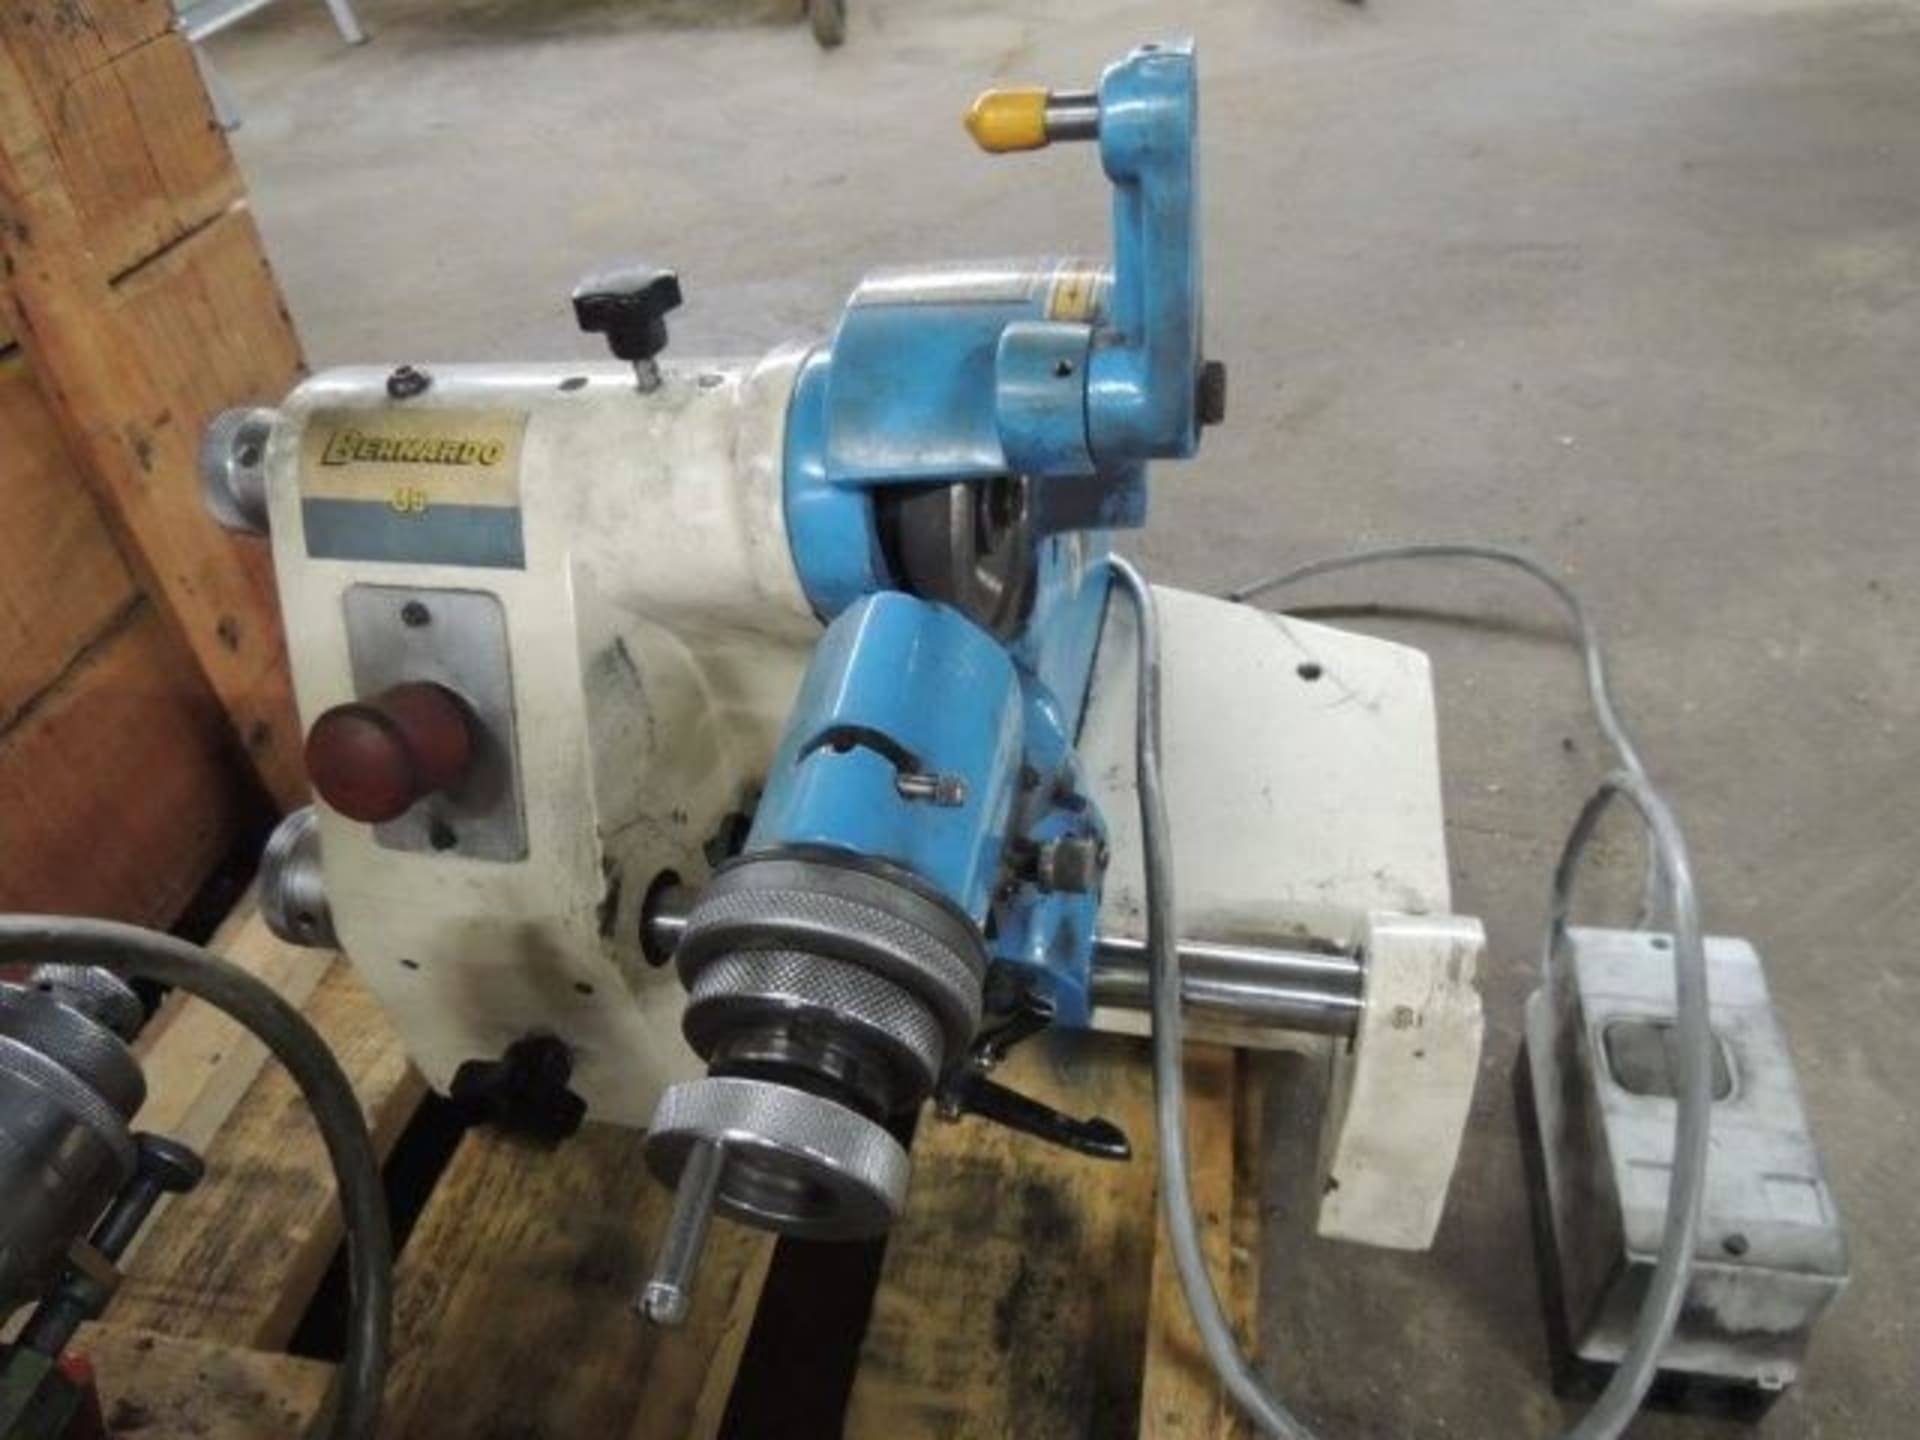 BERNADO U 3 Stichel-Schleifmaschine